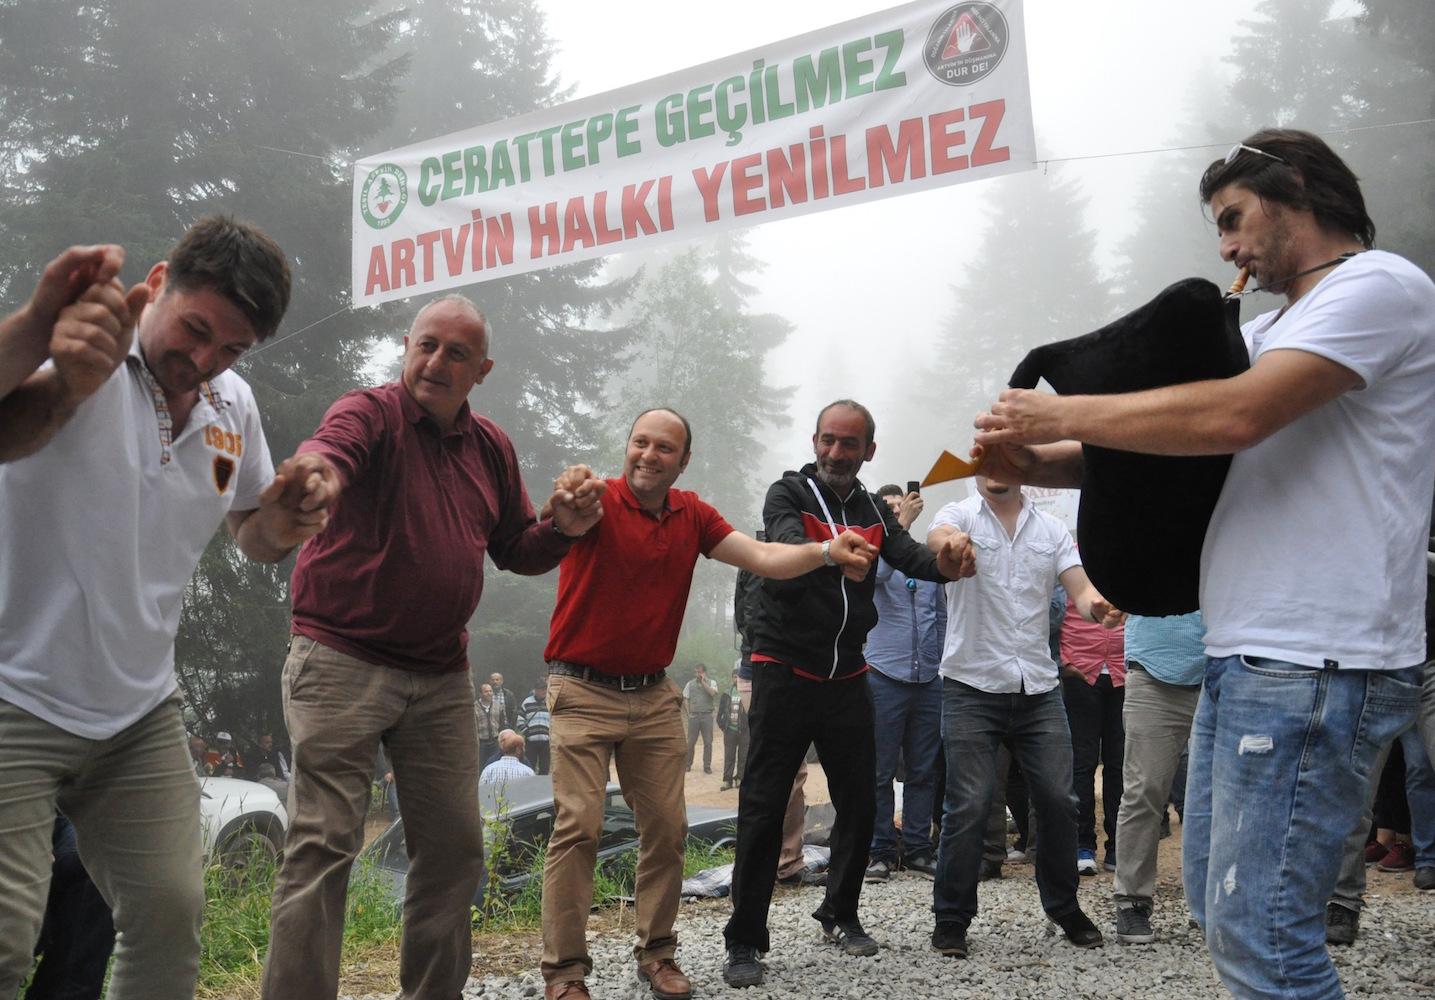 Artvin tüm engellemelere rağmen valiye evinin önünden seslendi: Madene hayır